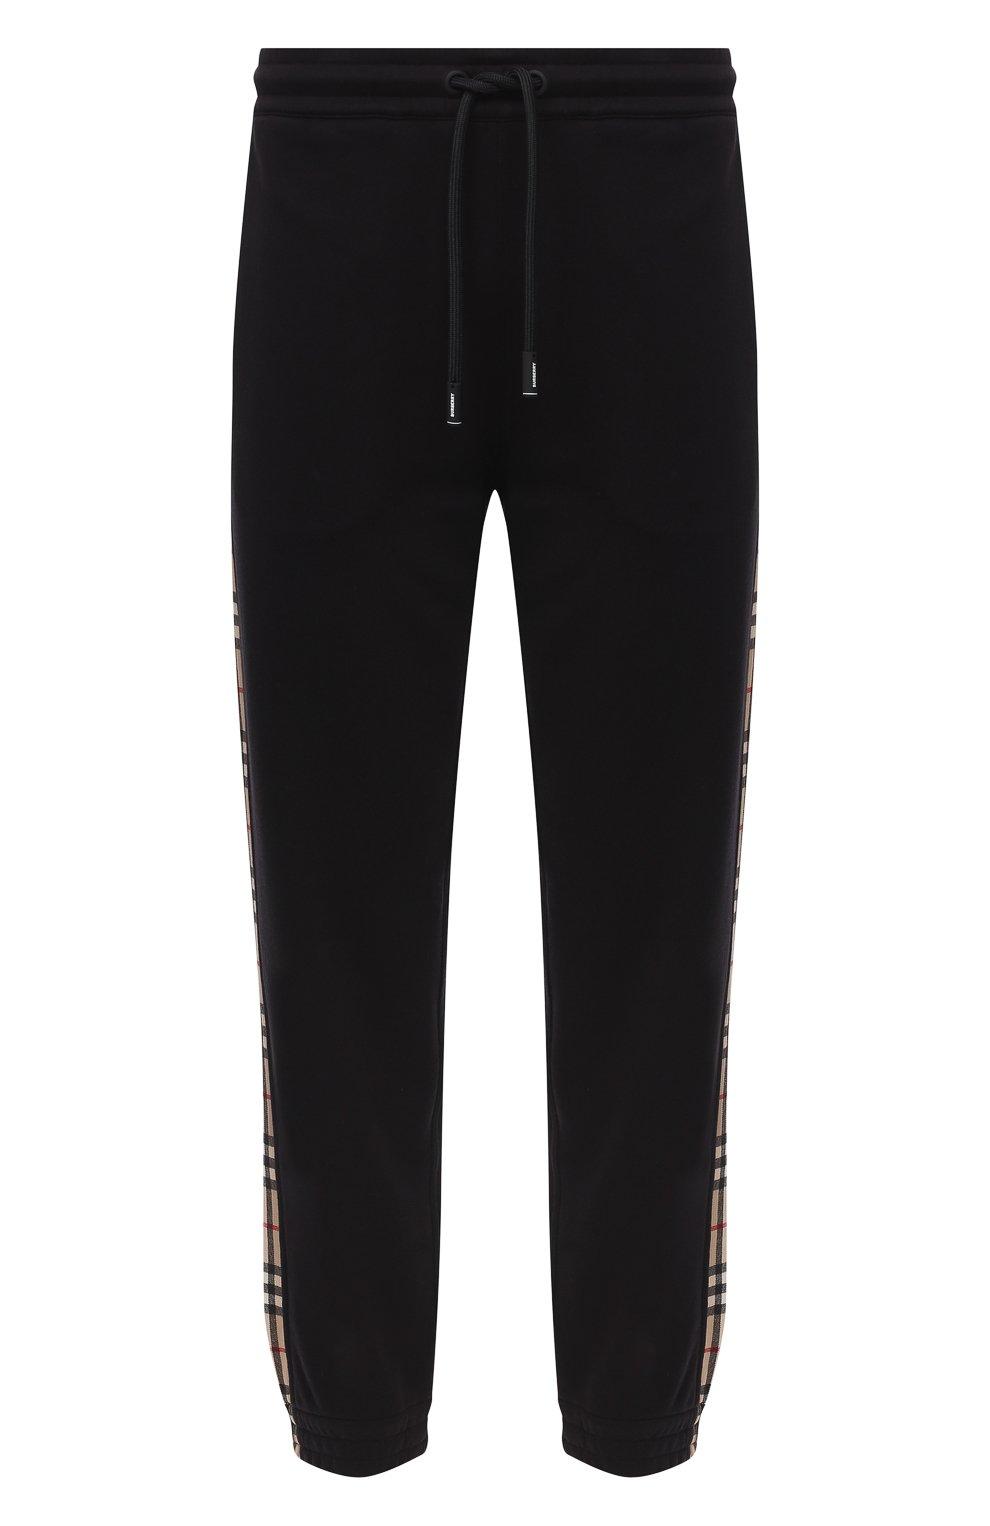 Мужские хлопковые джоггеры BURBERRY черного цвета, арт. 8026273 | Фото 1 (Мужское Кросс-КТ: Брюки-трикотаж; Длина (брюки, джинсы): Стандартные; Материал внешний: Хлопок; Стили: Спорт-шик; Силуэт М (брюки): Джоггеры)